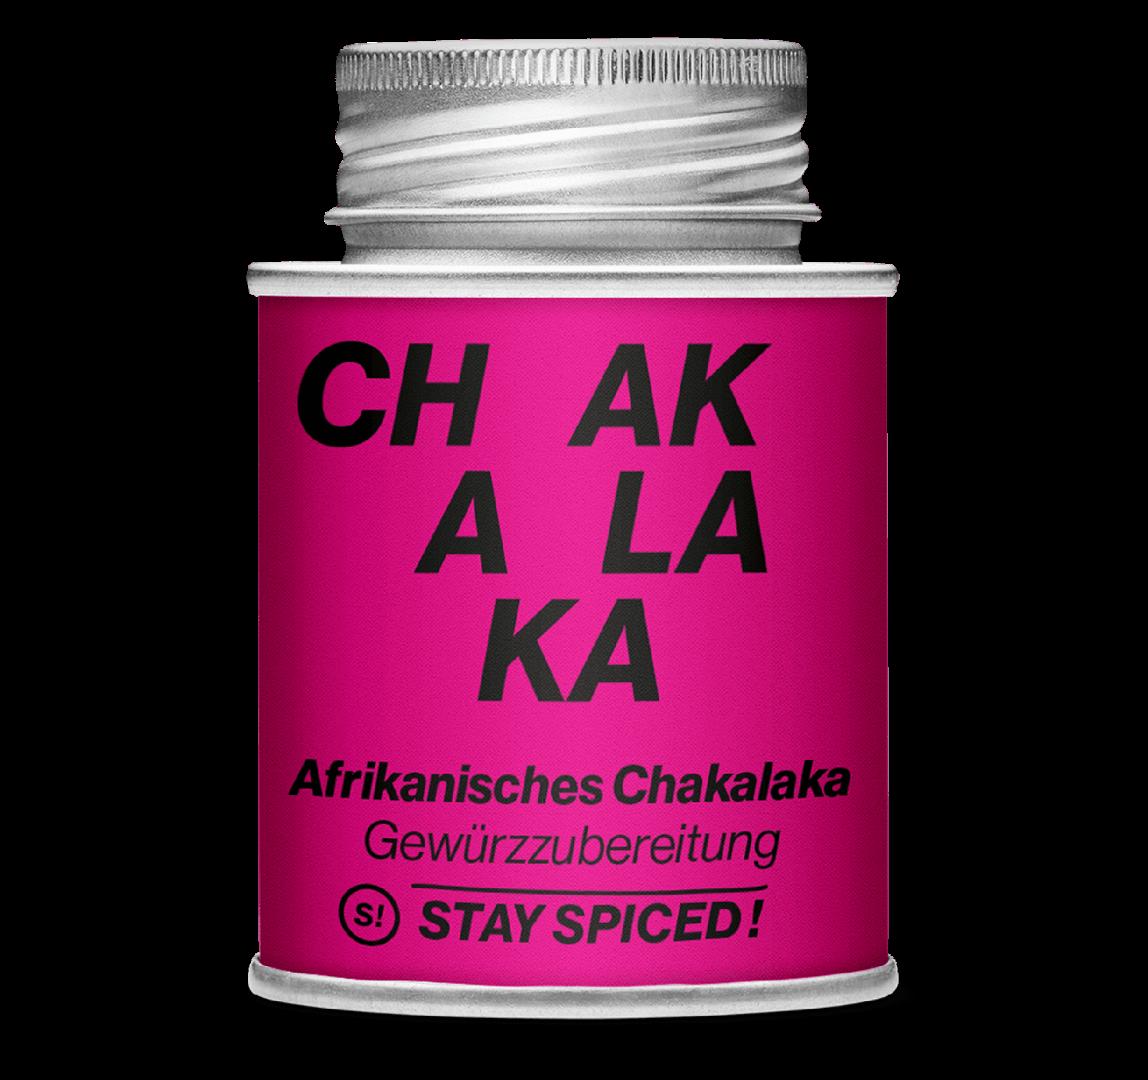 Gewürzzubereitung - Chakalaka - exotische Gewürzmischung